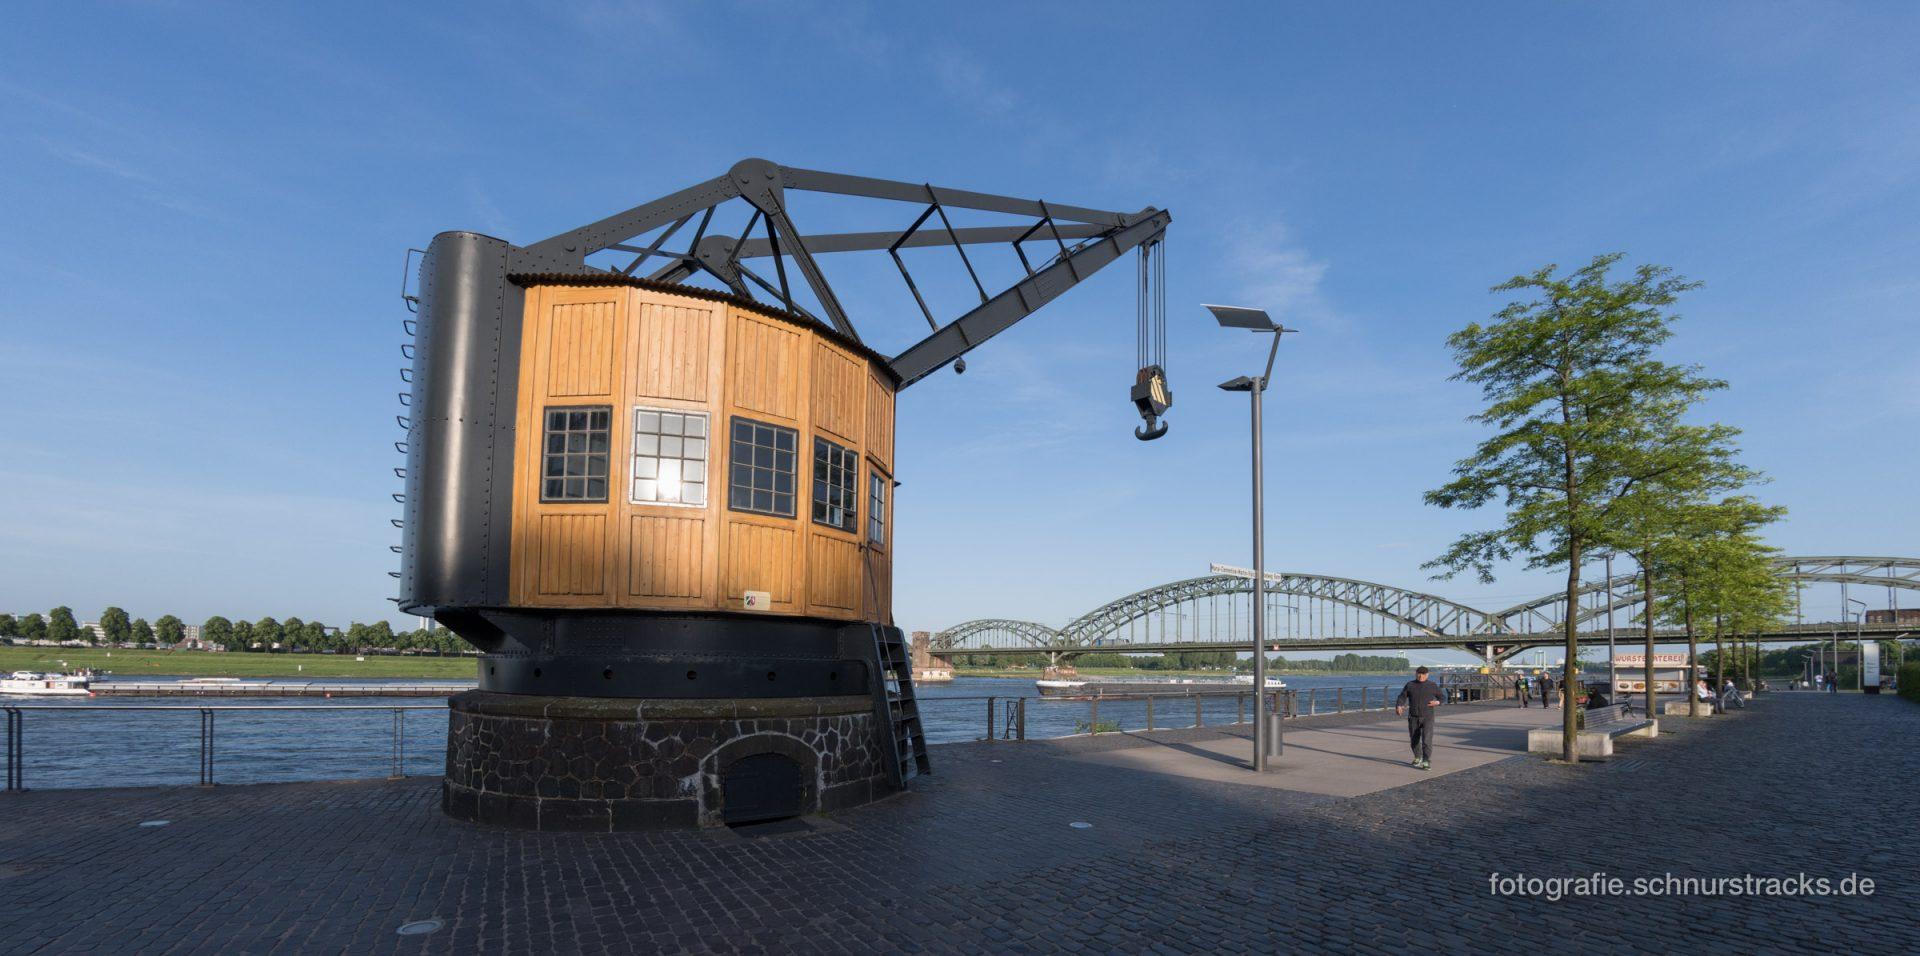 Historischer Lastenkran am Rhein #2238